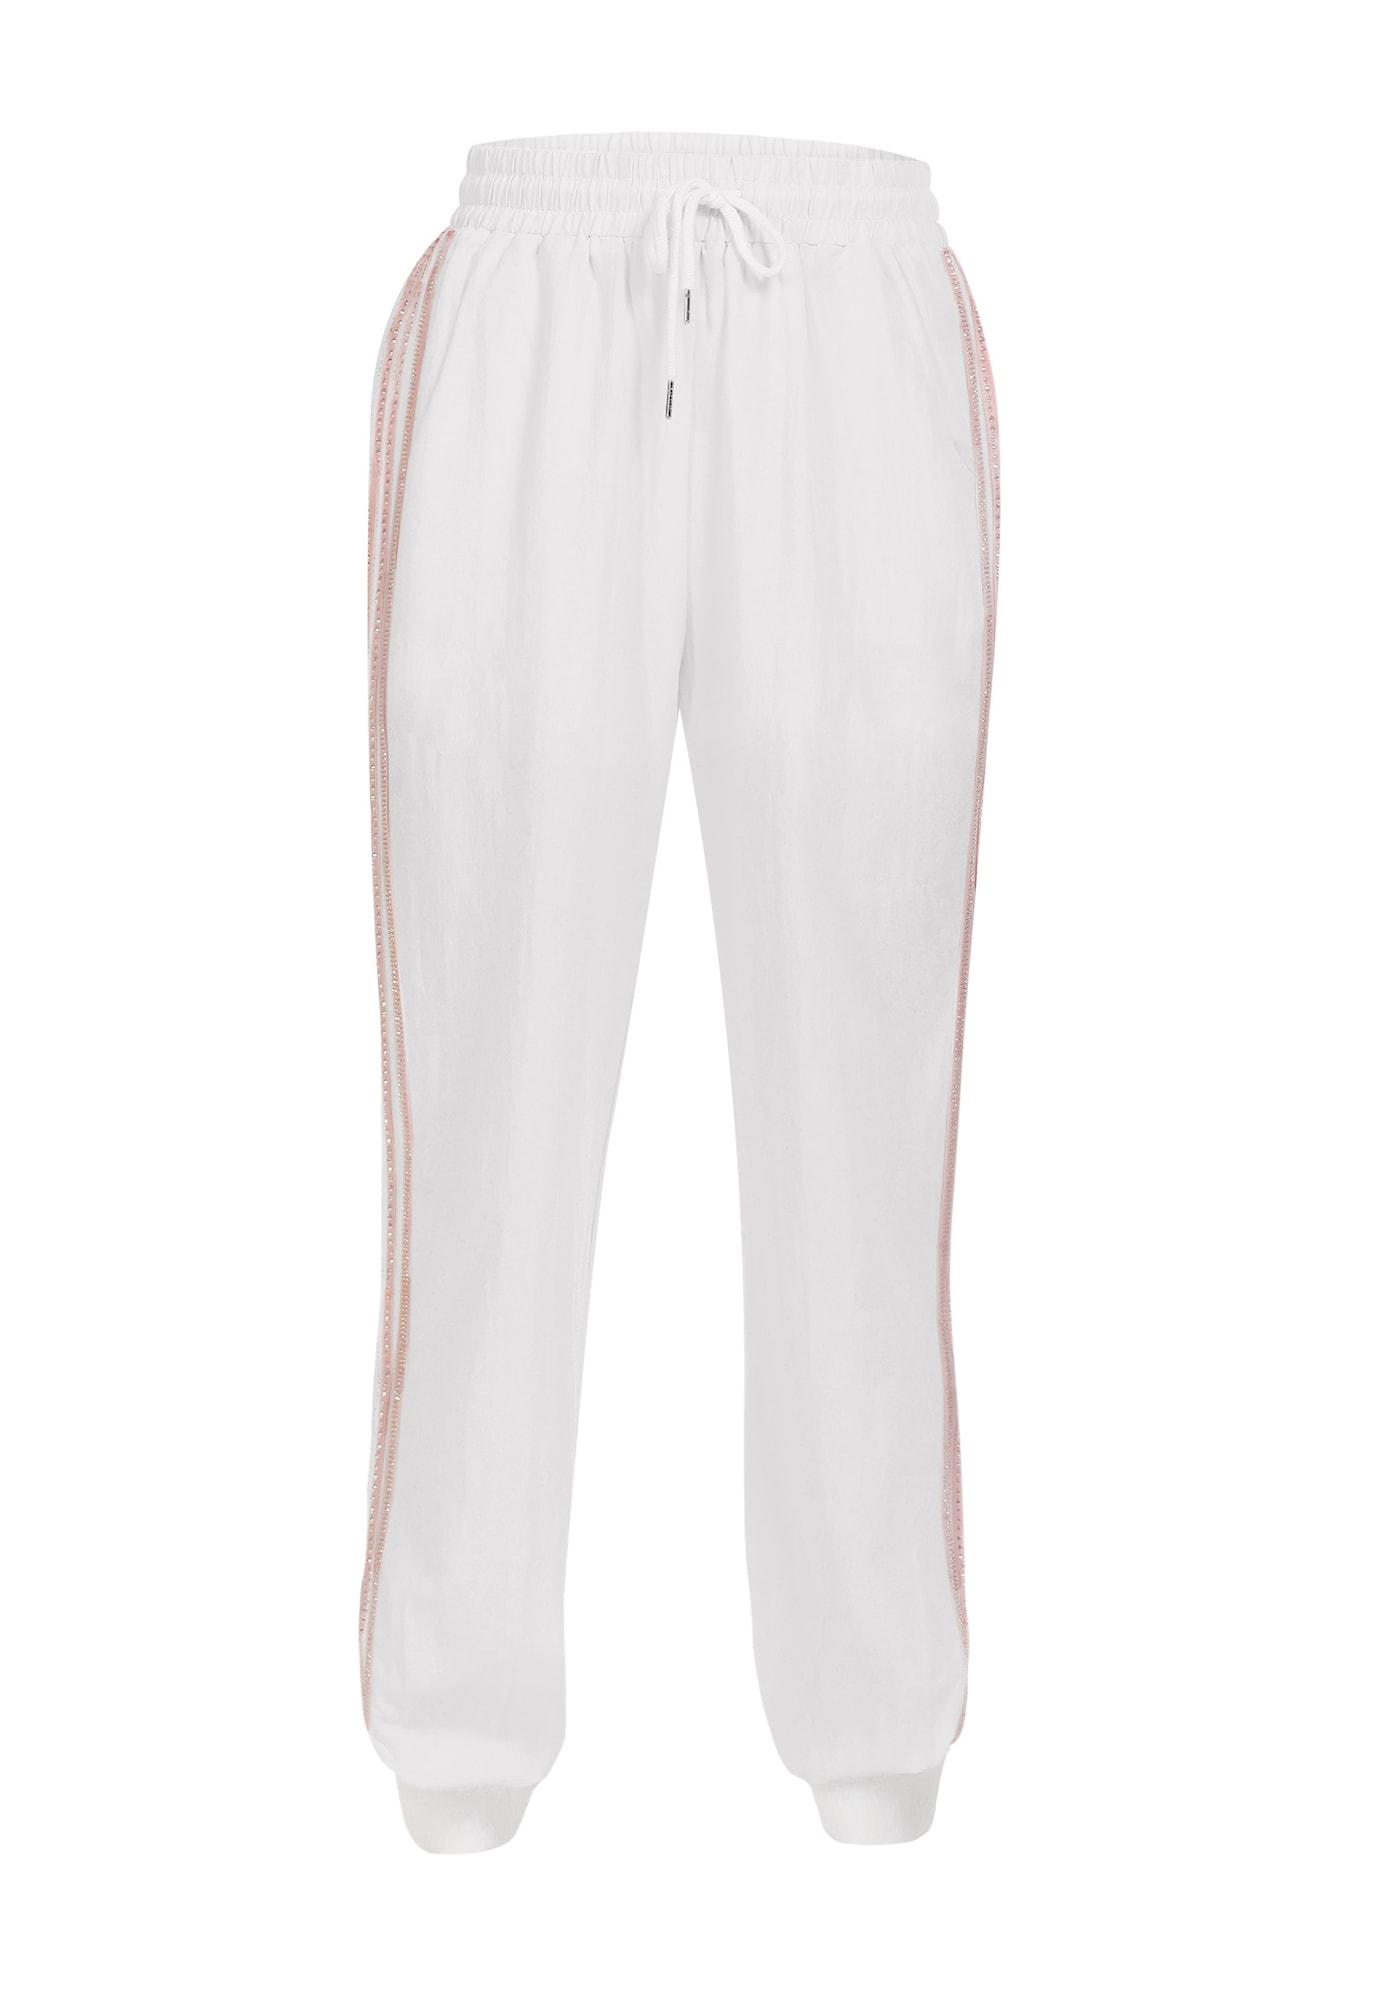 MYMO Kelnės balta / ryškiai rožinė spalva